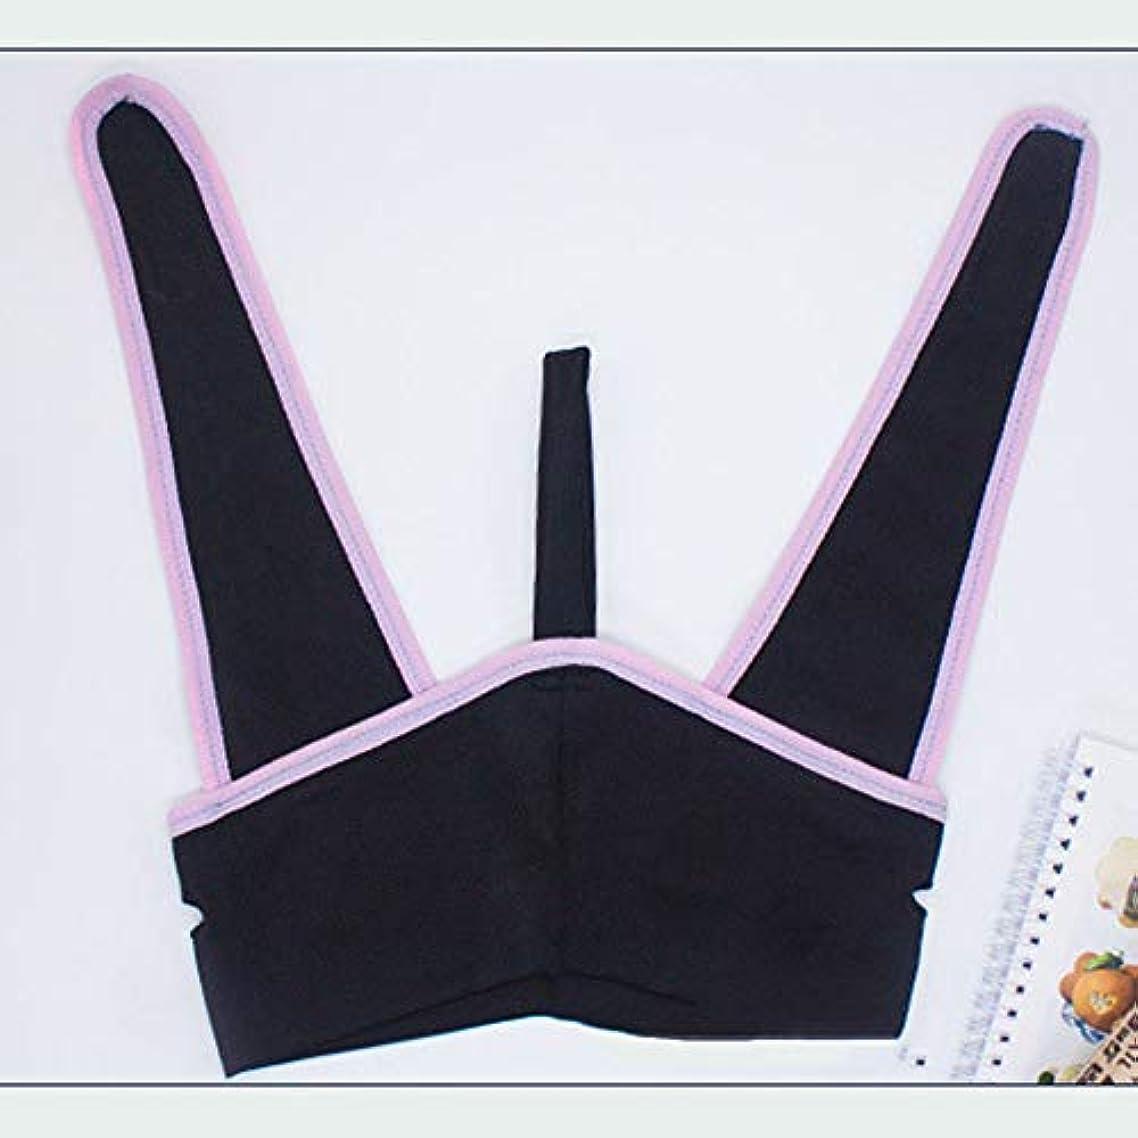 フェイスリフティング包帯、フェイスリフティングマスク/フェイスリフティングマスク/マスク包帯リフティング引き締めフェイスリフト二重あご女性抗脂肪,L